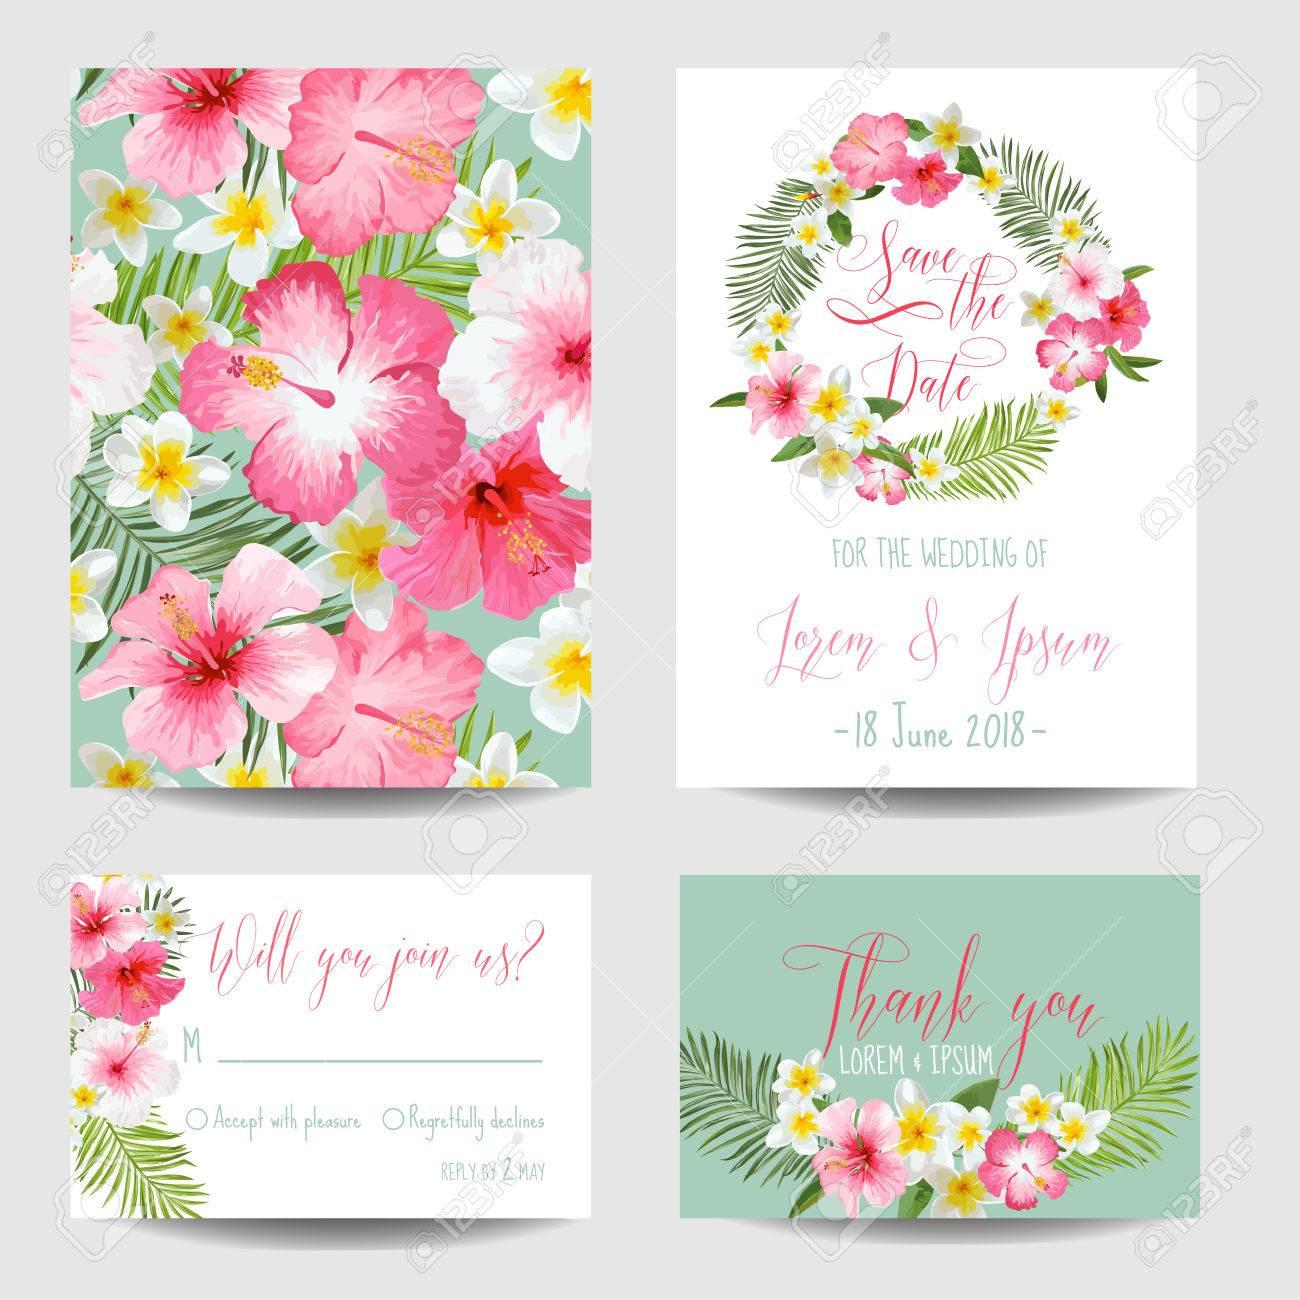 Speichern Sie Die Datums Karte   Tropische Blumen   Für Hochzeit, Einladung,  Party